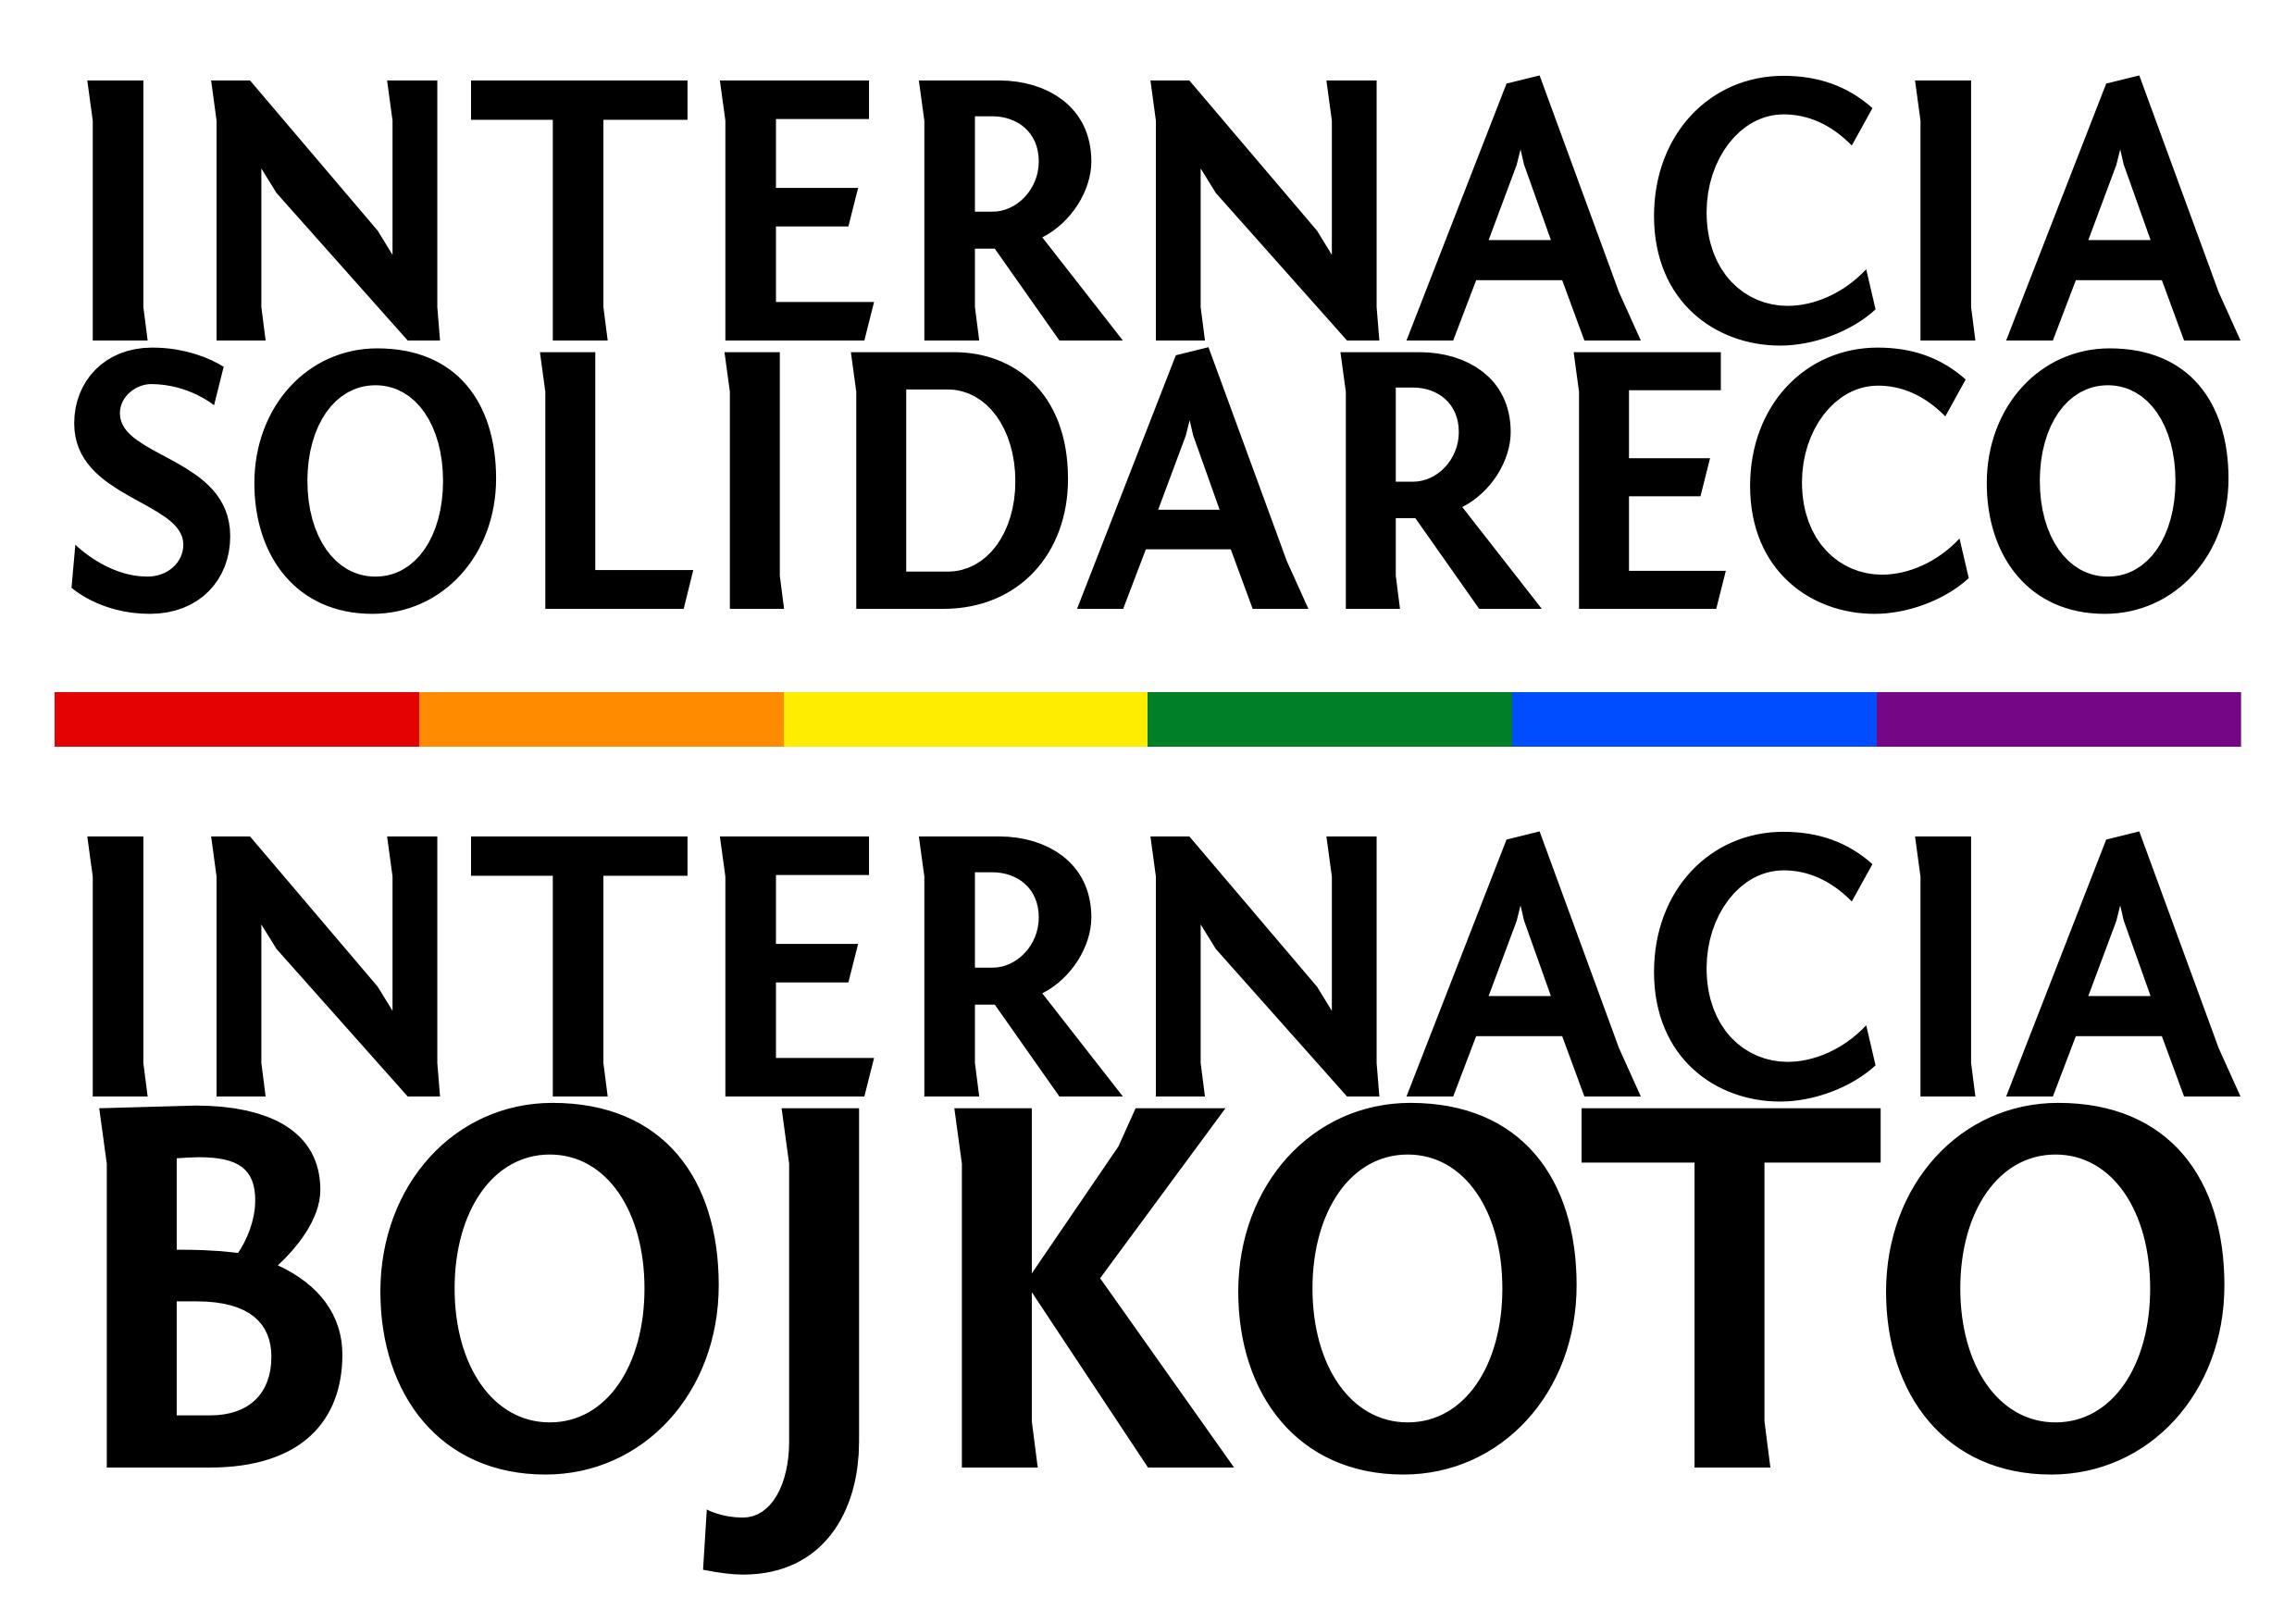 Internacia solidareco— Internacia Bojkoto